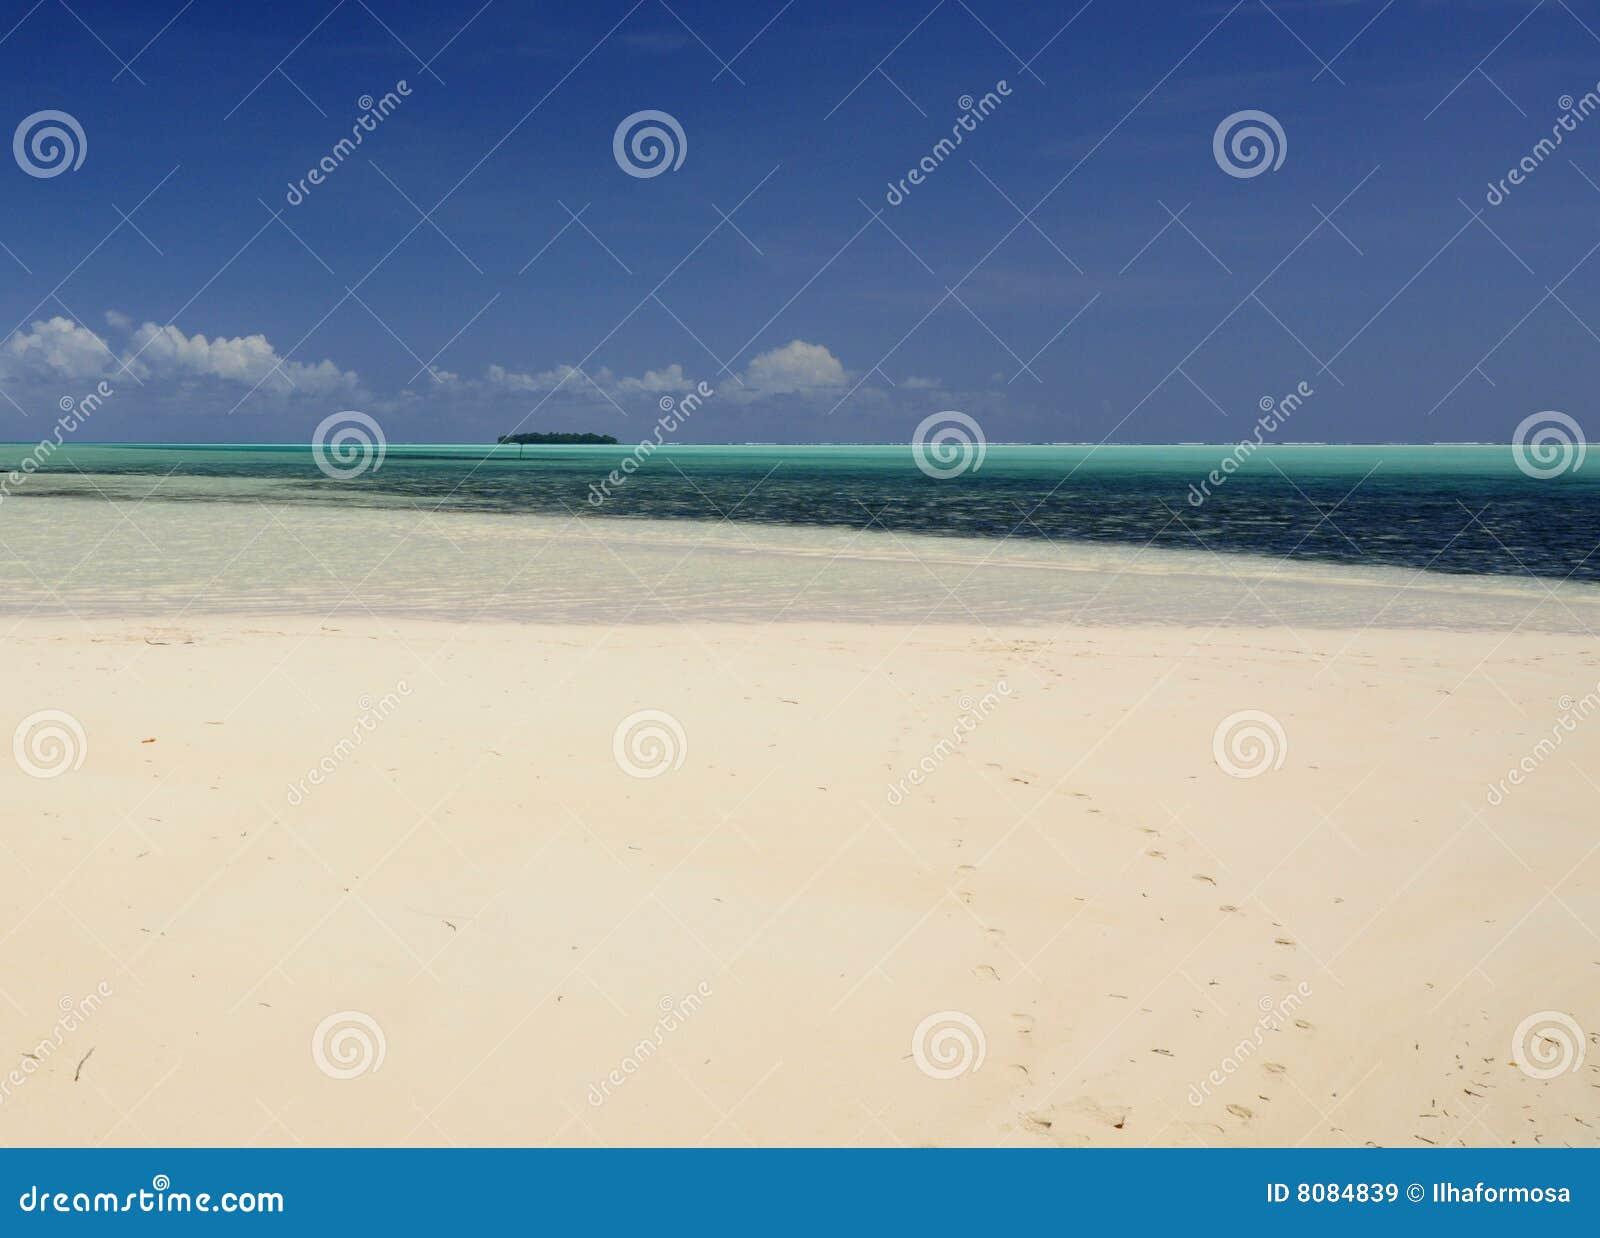 热带海滩的海洋图片